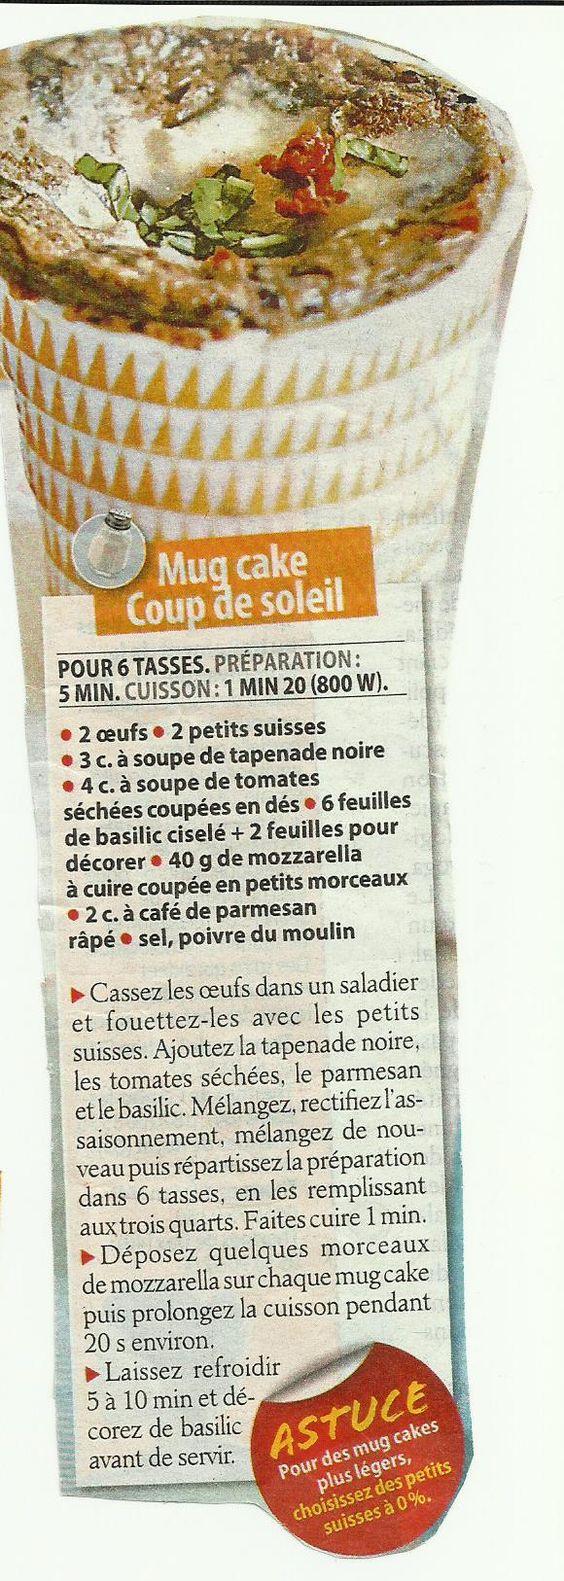 Mug cake coup de soleil